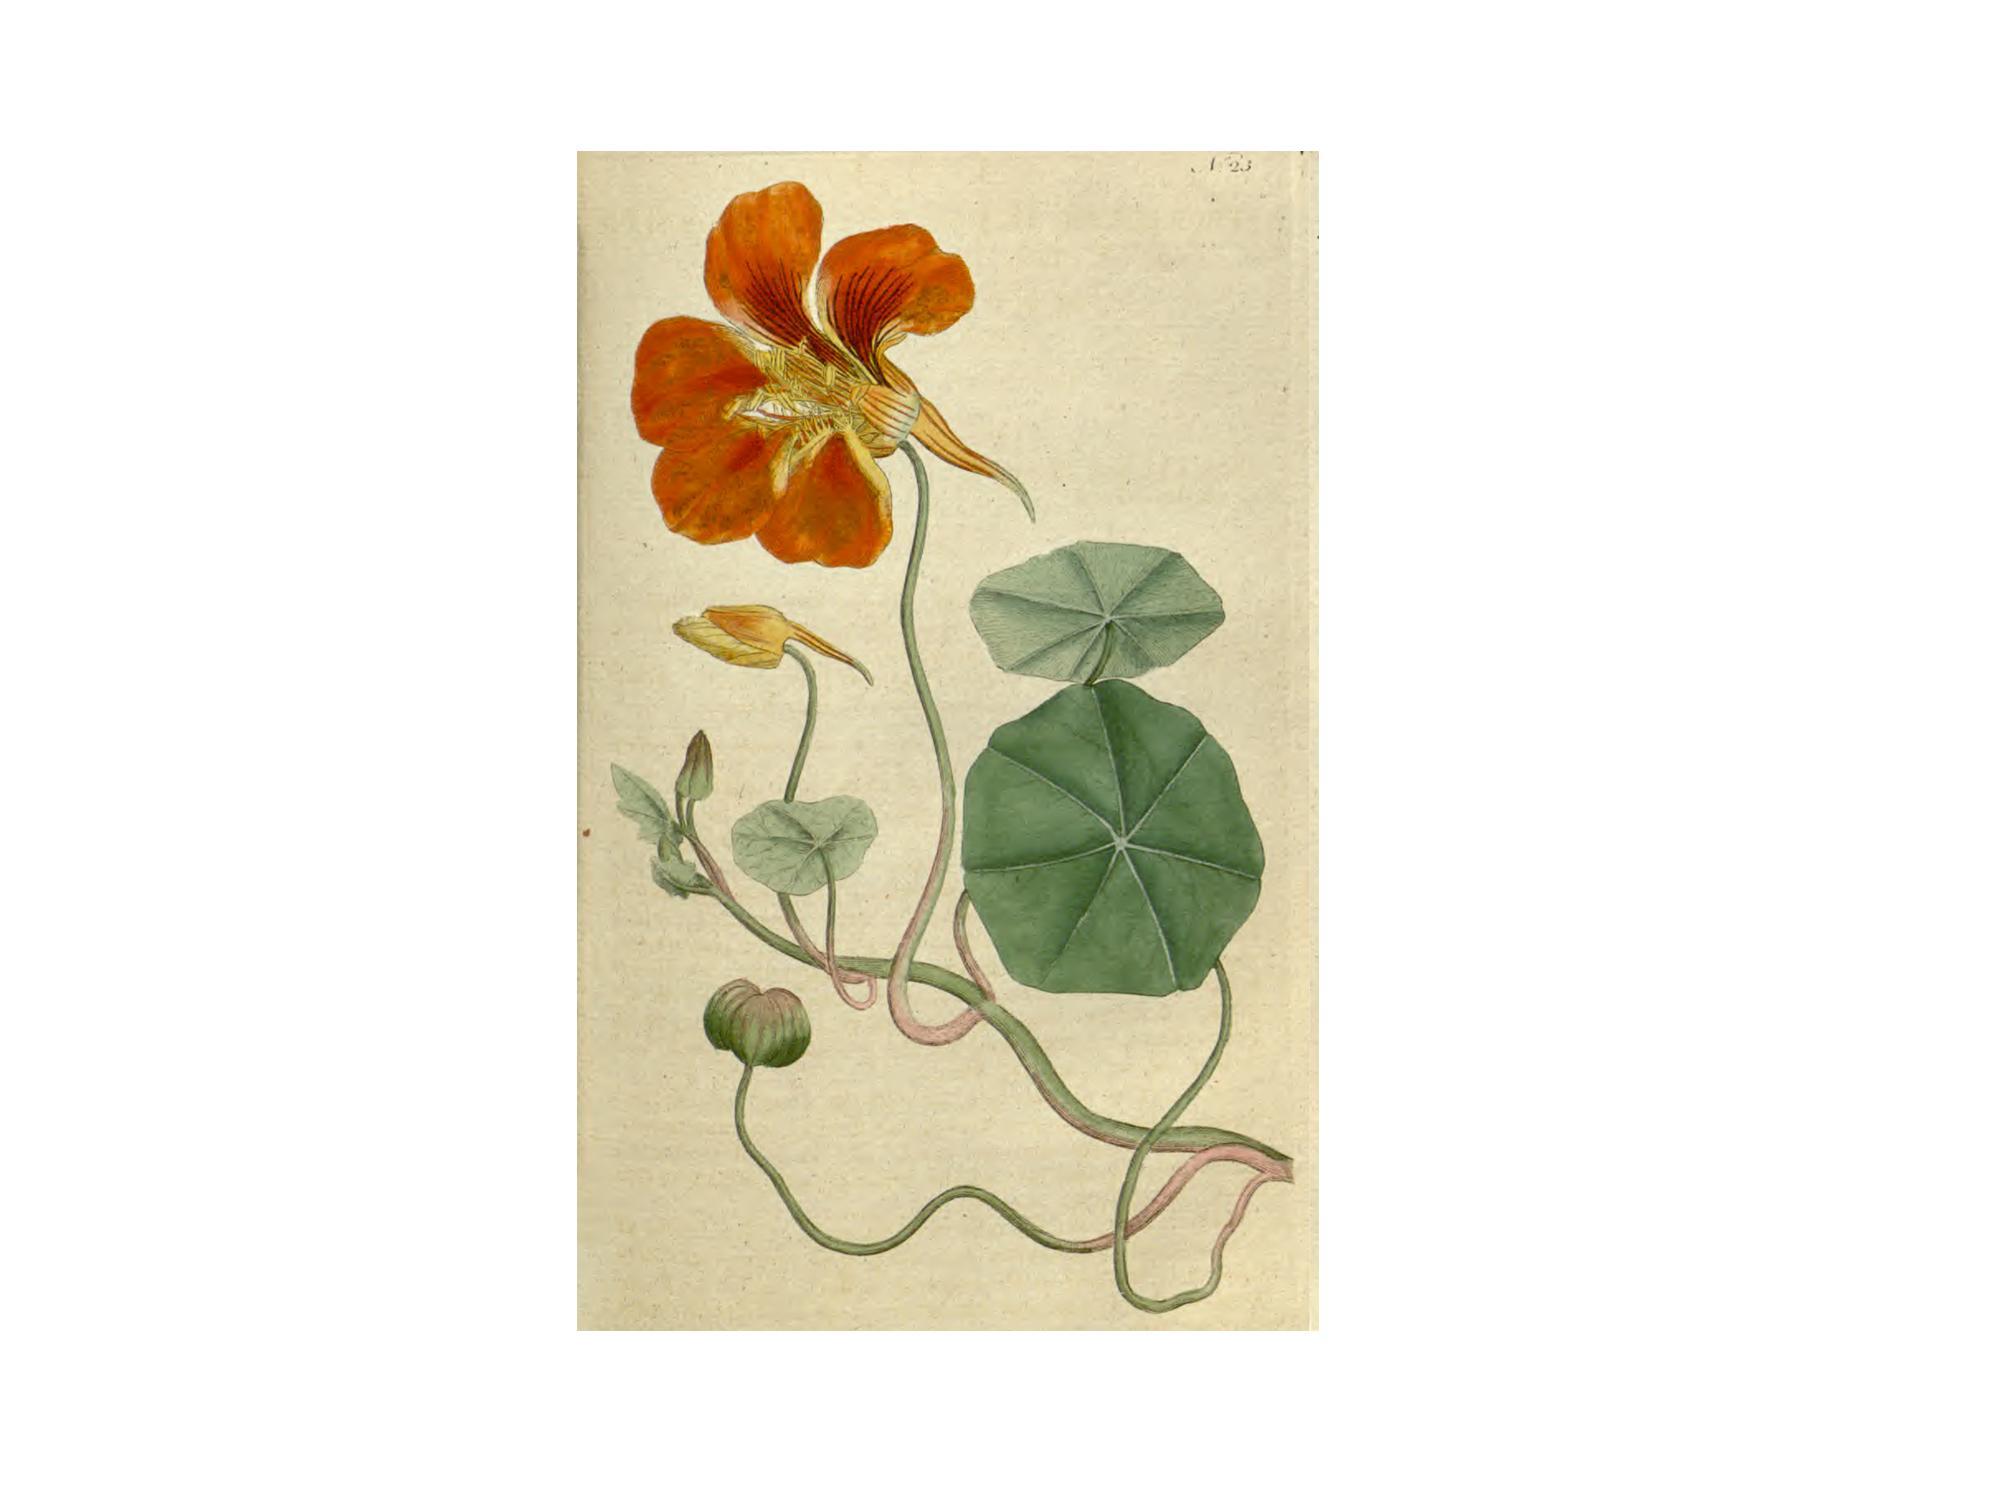 """Tropaeolum majus, capuchina, flor de la sangre. Dibujo extraído de """"The botanical magazine"""", Curtis, aprox. 1790."""